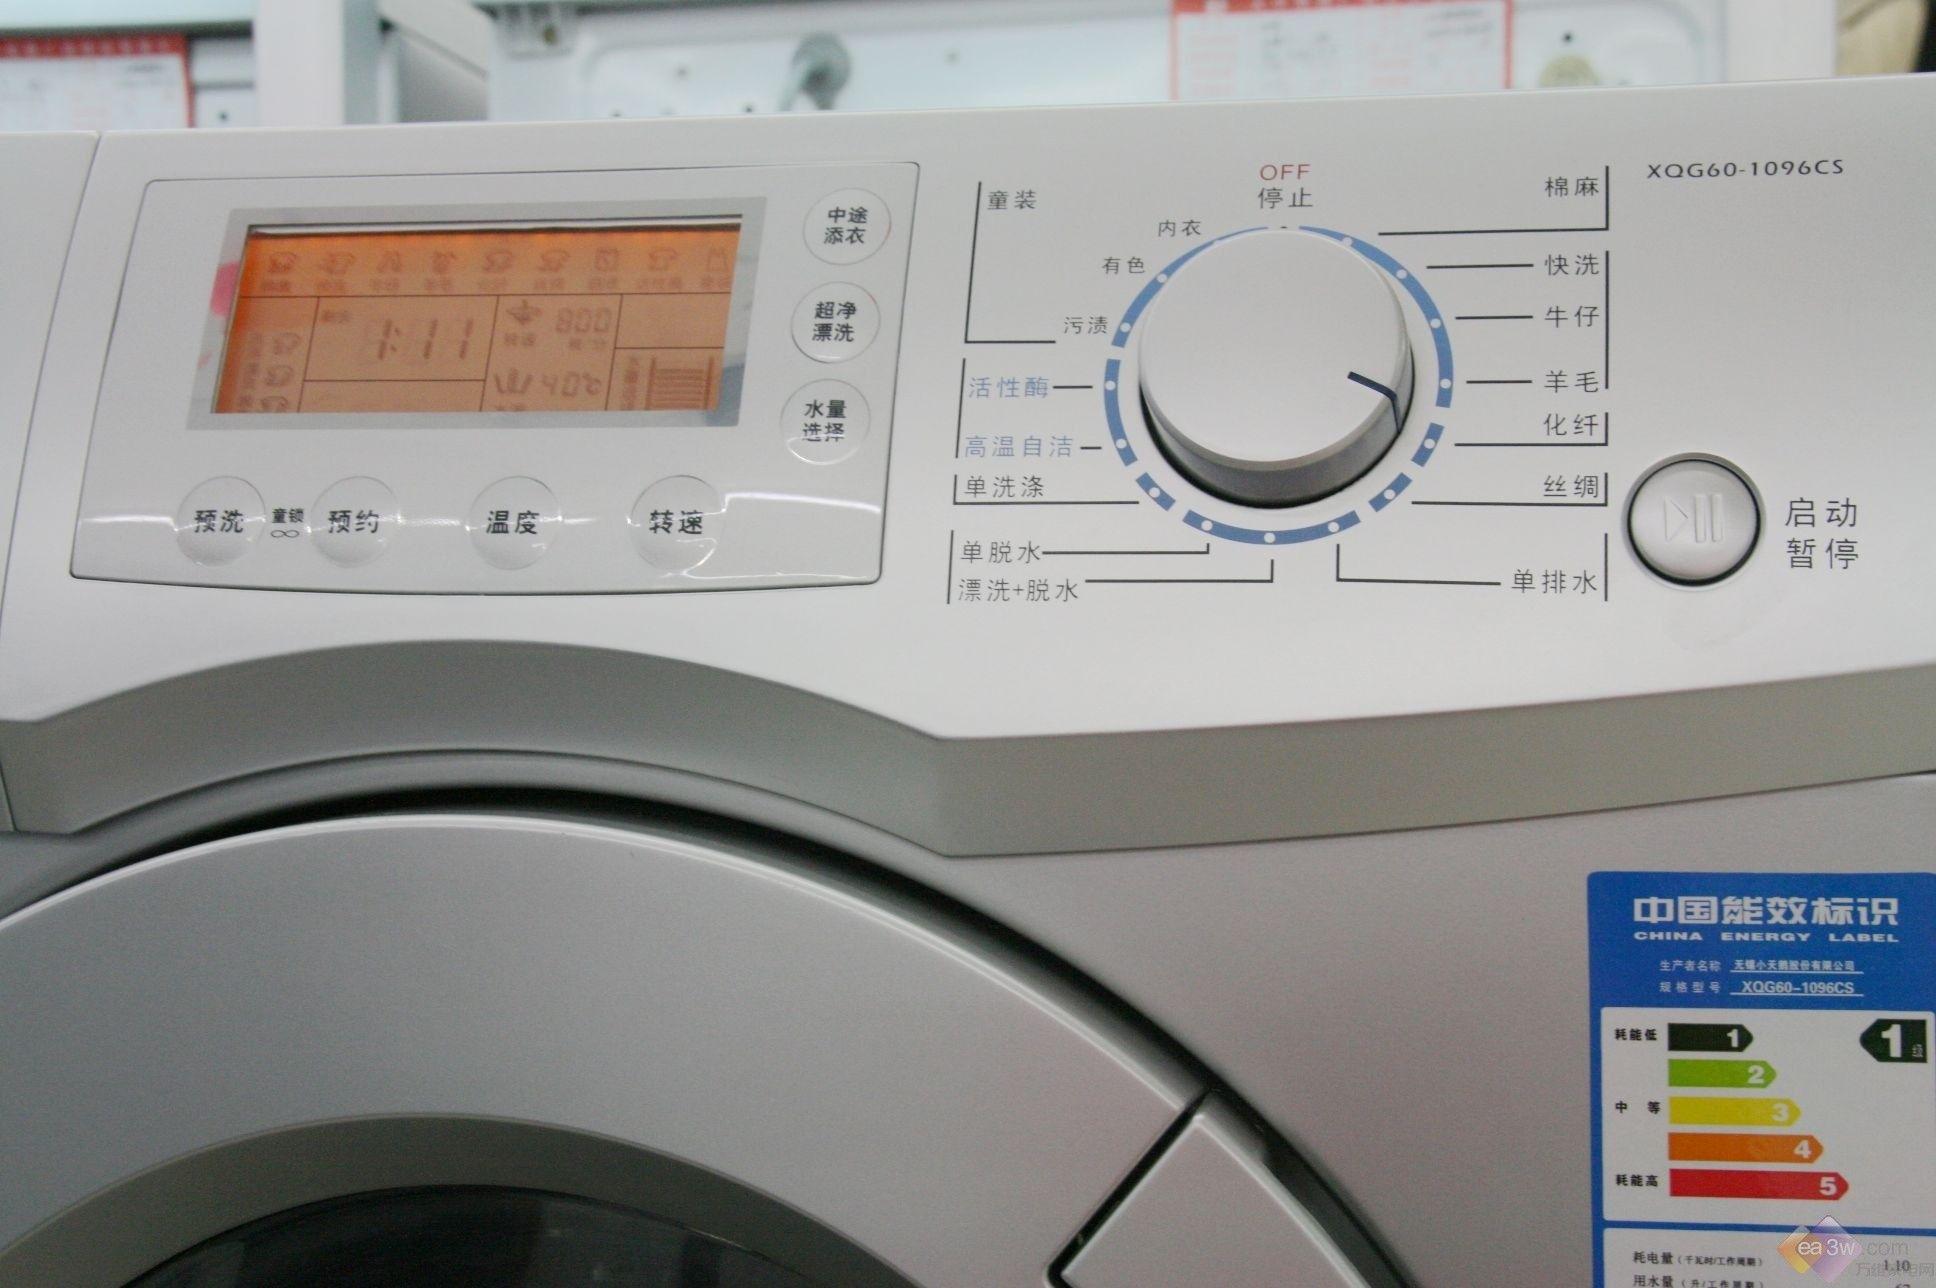 在今年众多的洗衣机新品中,小天鹅可谓异军突起,其衣诺系列以1.18超高的洗净比,成就了滚筒行业的一个传奇。 洗净比1.18,在业界无疑是一个具有特殊意义的数字。国家规定的滚筒洗净比一级标准为1.03,而市场上大多数滚筒洗净比在0.9左右徘徊,很多滚筒洗衣机生产企业受限于技术水平,对消费者真正的需求洗净度视而不见,转而推出各种概念进行炒作,小天鹅衣诺滚筒的整体洗净比在行业内竖起了一面旗帜,1.